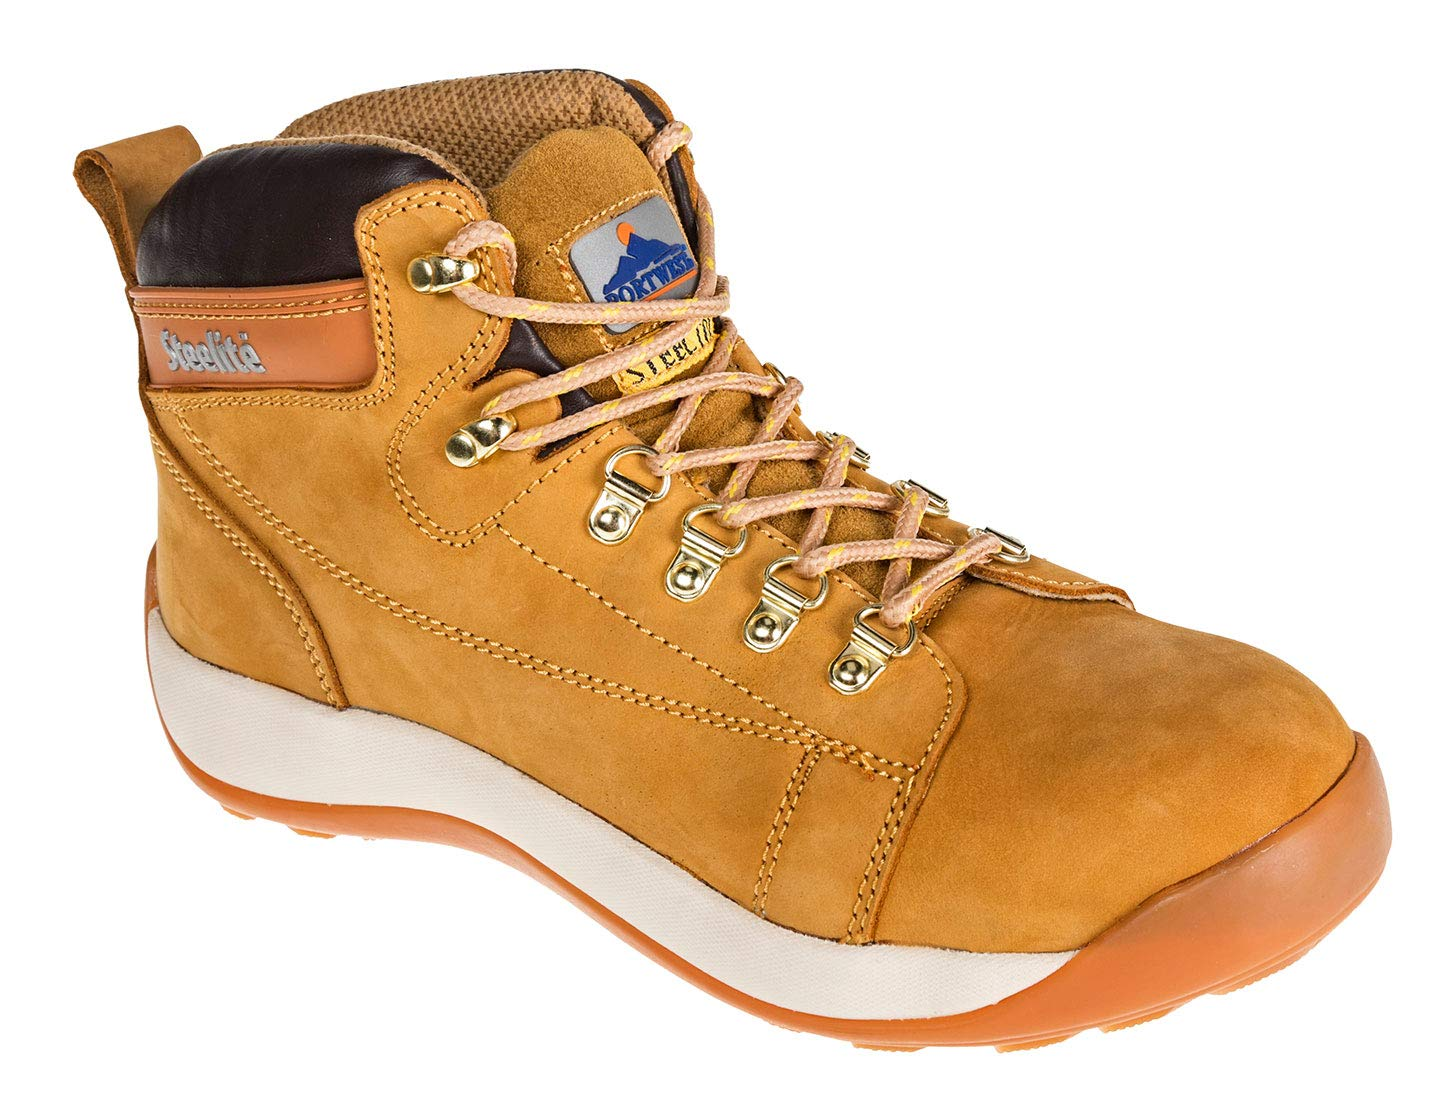 Steelite /™ bota de media corte nubuck SB FW31